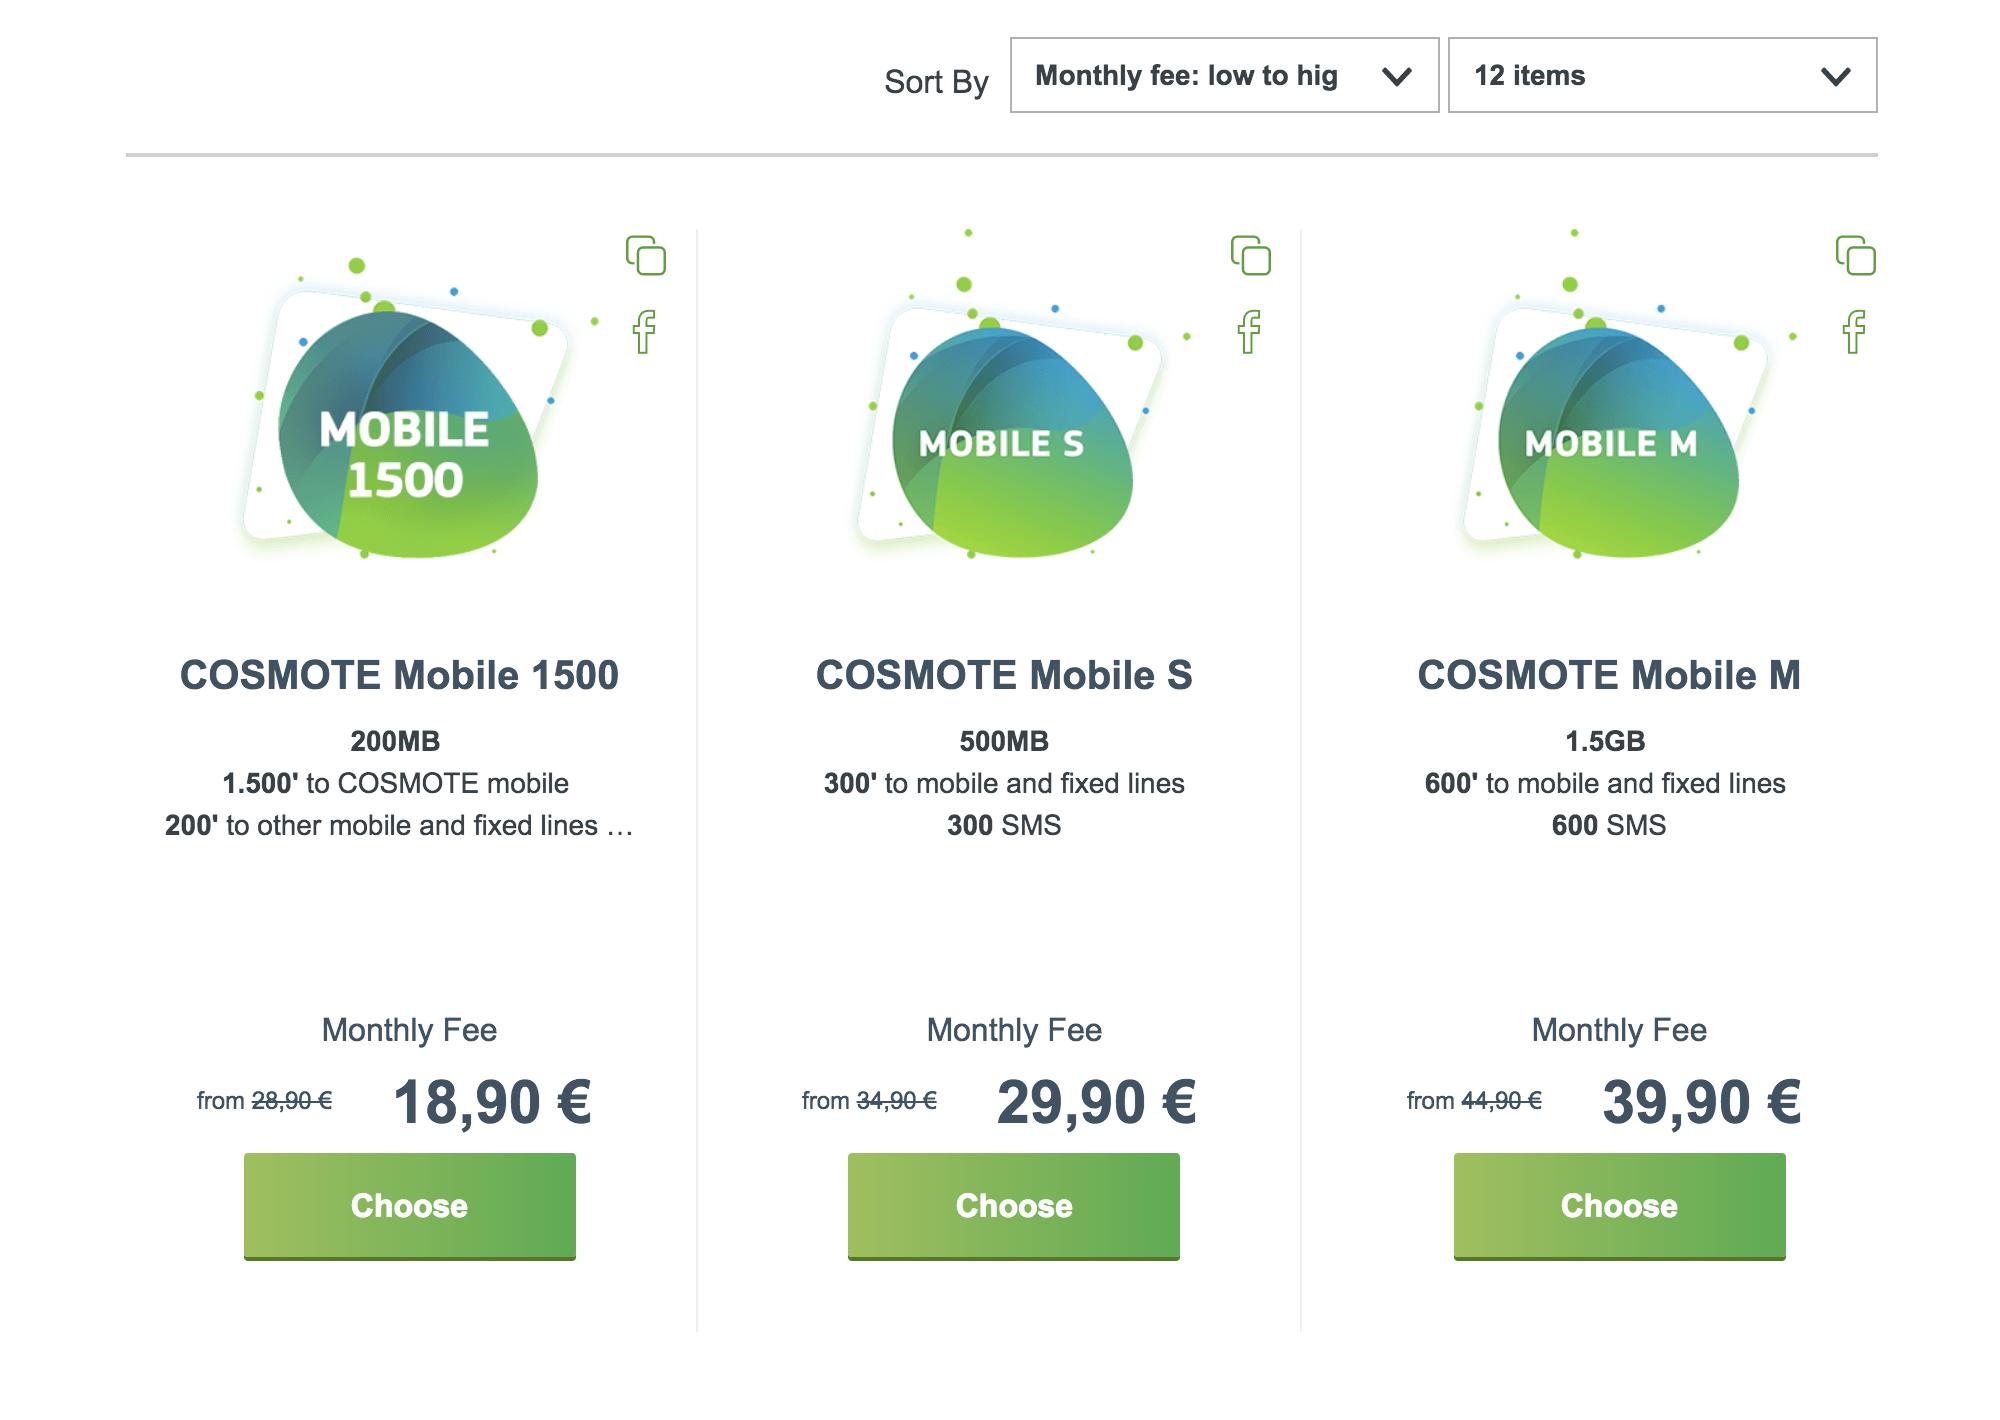 Самые дешевые тарифы оператора «Космотe»